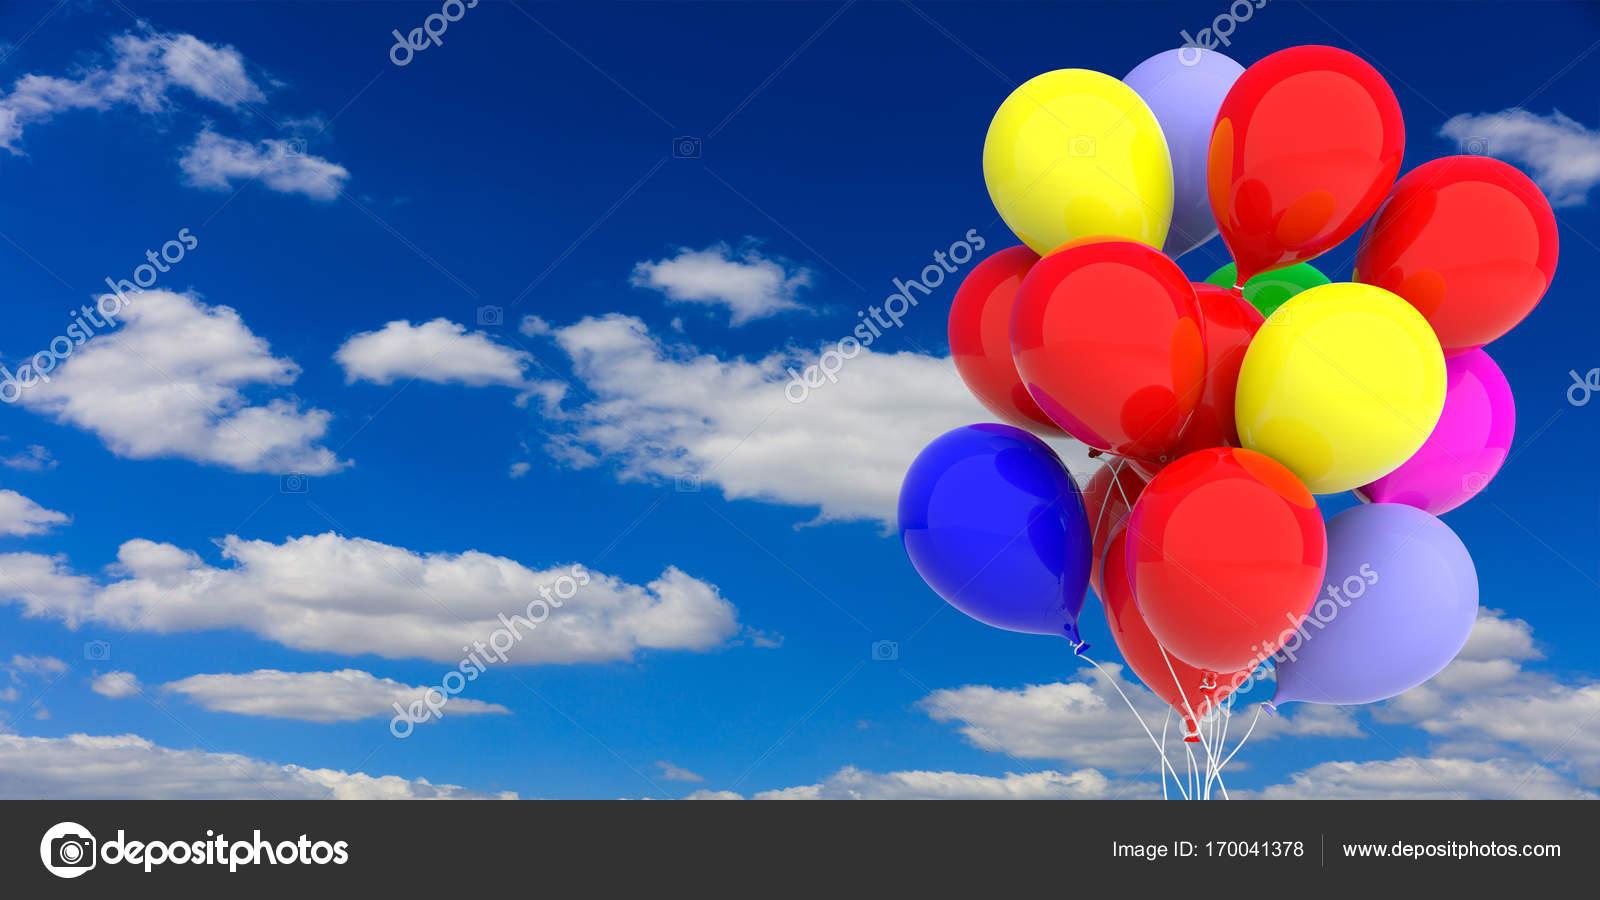 Palloncini colorati su sfondo blu cielo illustrazione 3d - Immagine con palloncini ...